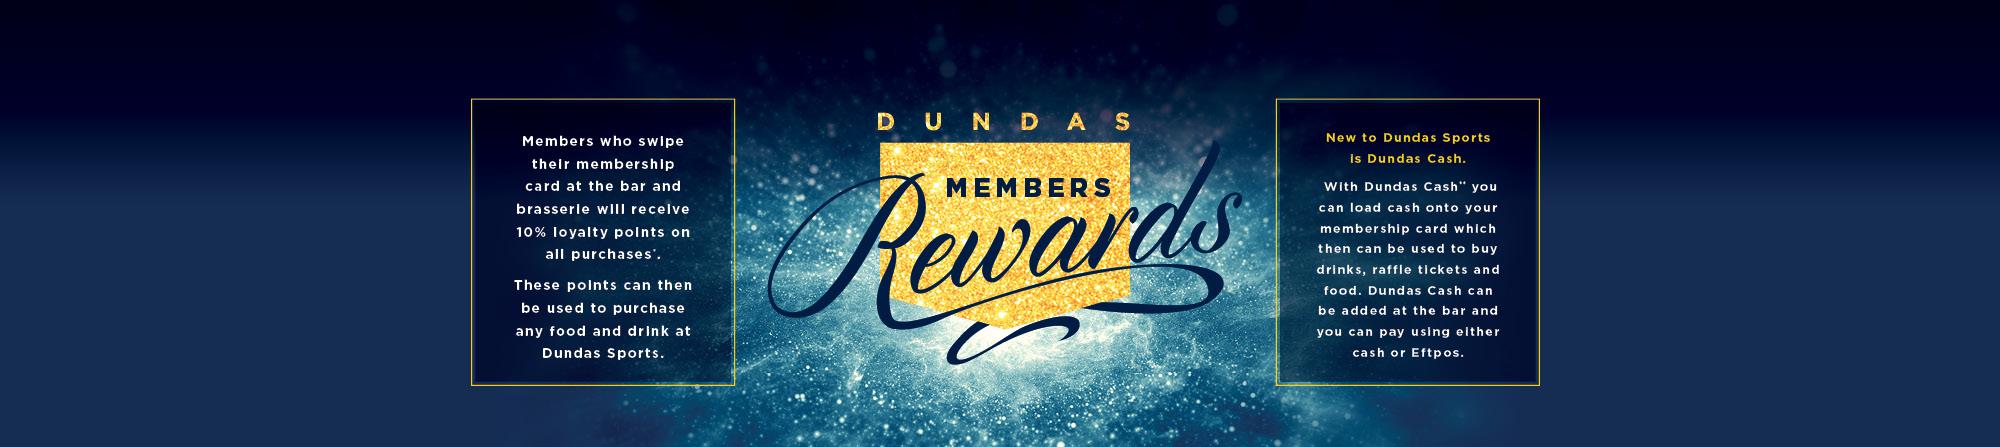 Members-Rewards-Home-Page-Slider